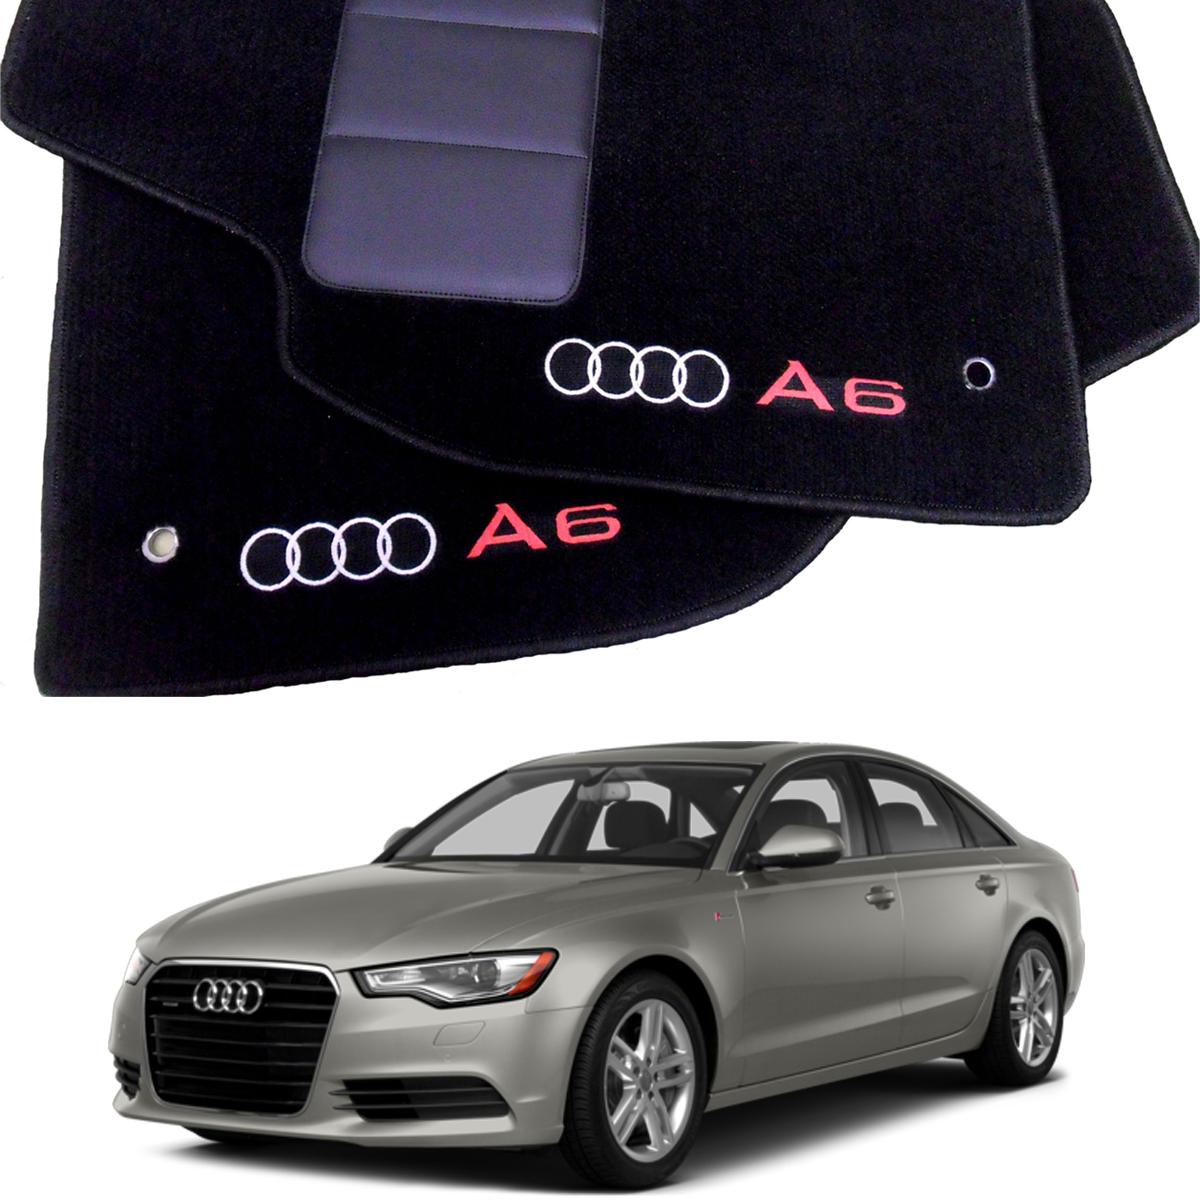 Tapete Automotivo Audi A6 em Carpet Linha Luxo